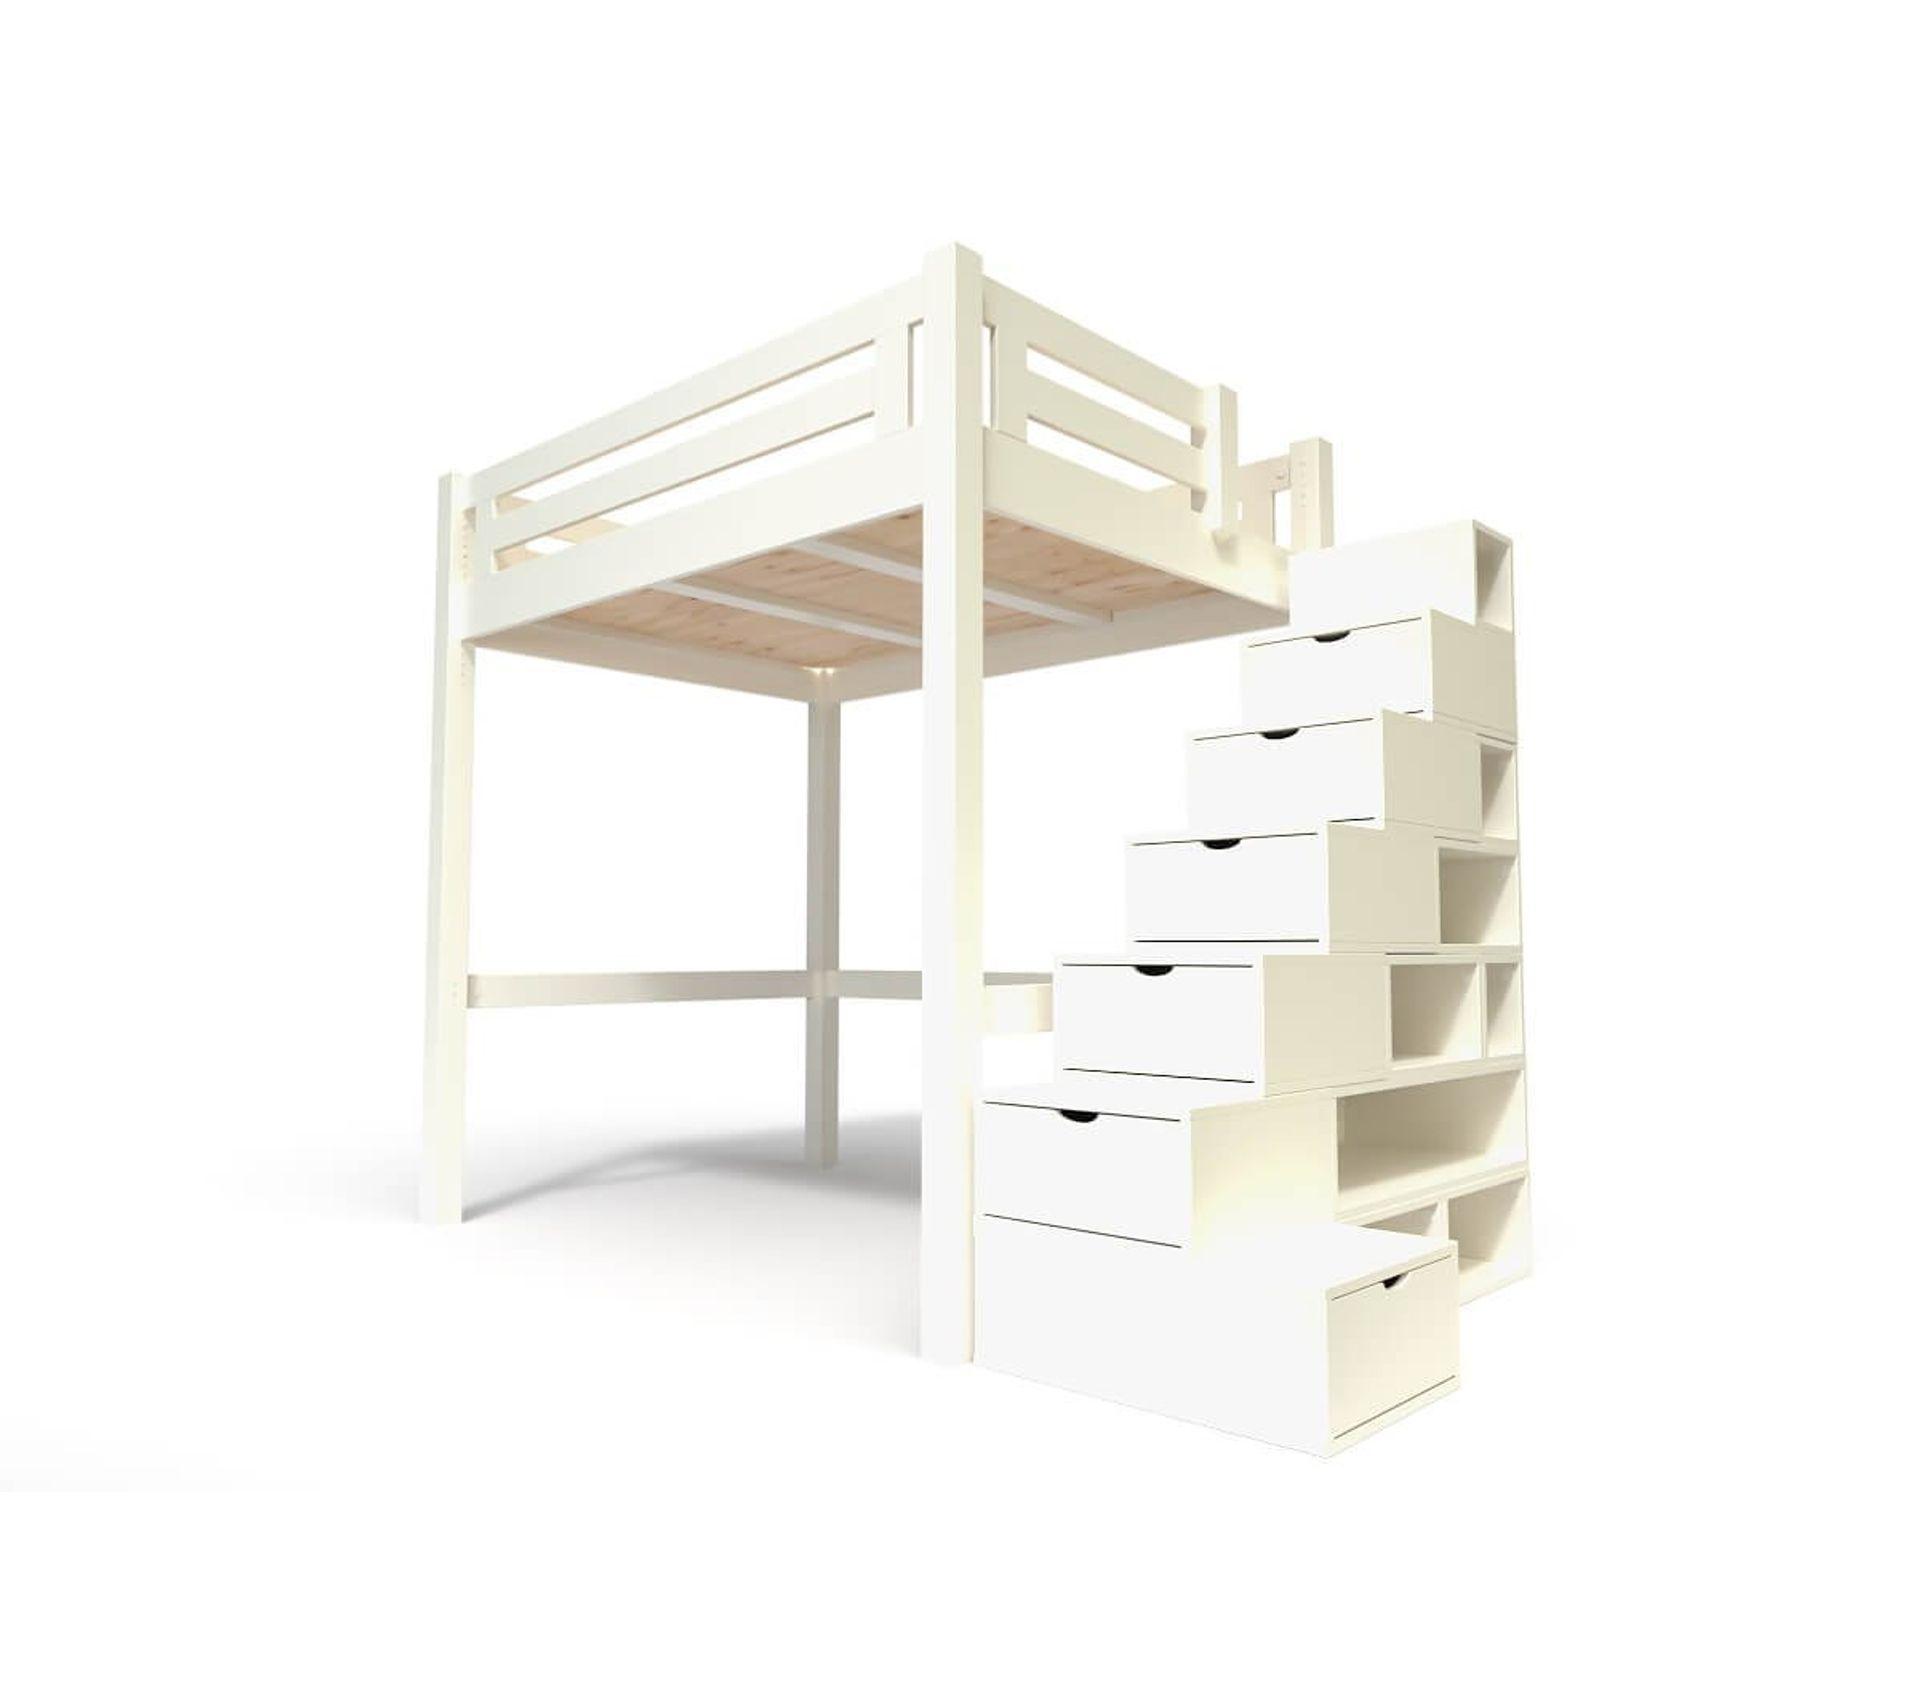 Lit Mezzanine Escalier Cube lit mezzanine alpage bois + escalier cube hauteur réglable, couleur:  ivoire, dimensions: 120x200